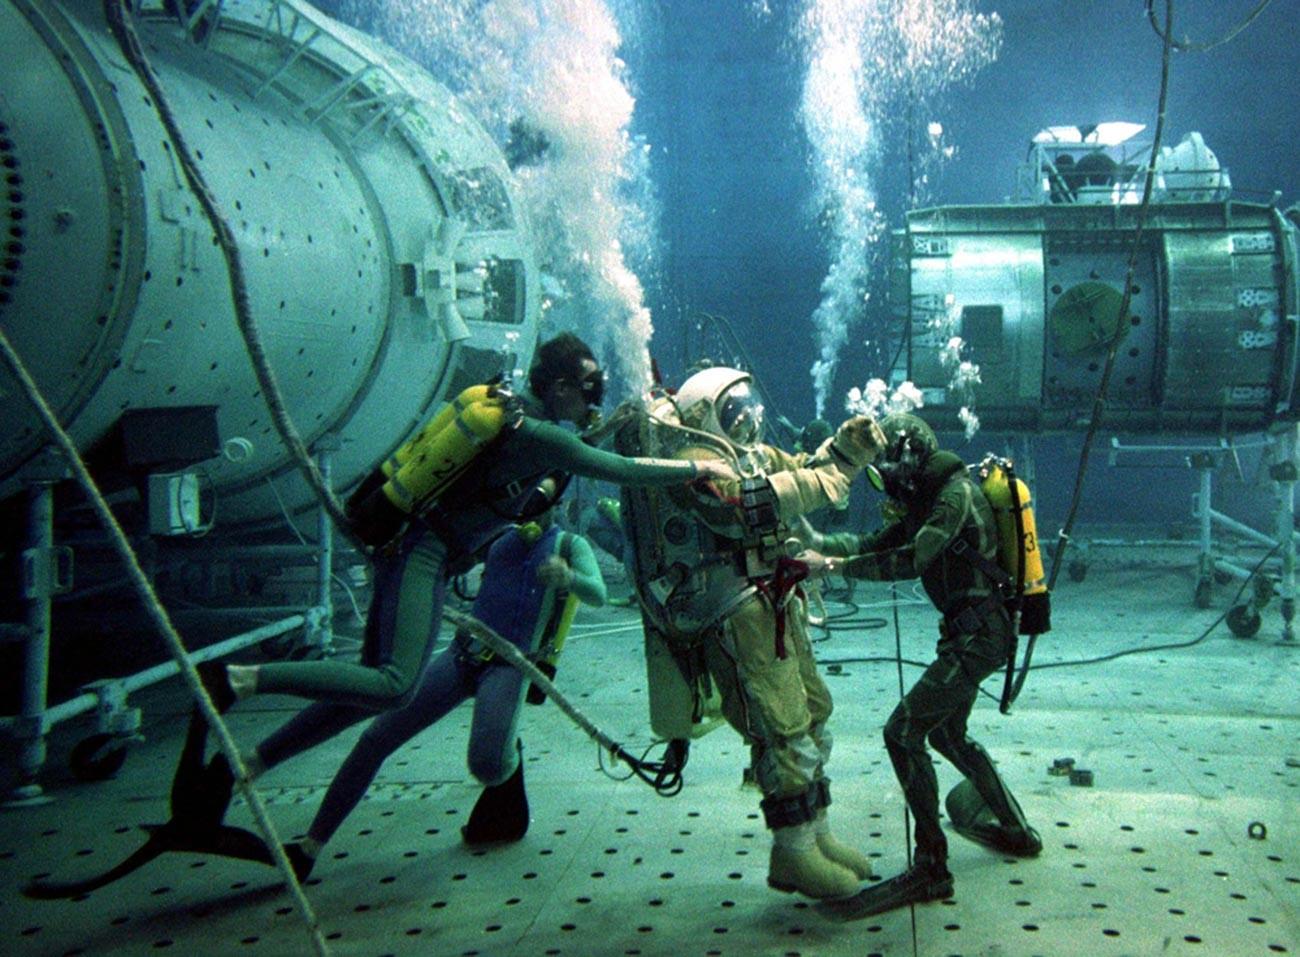 Ruskom testnom instruktoru Olegu Puškaru pomažu ronioci tijekom podvodnih ispitivanja na replici oštećene svemirske stanice